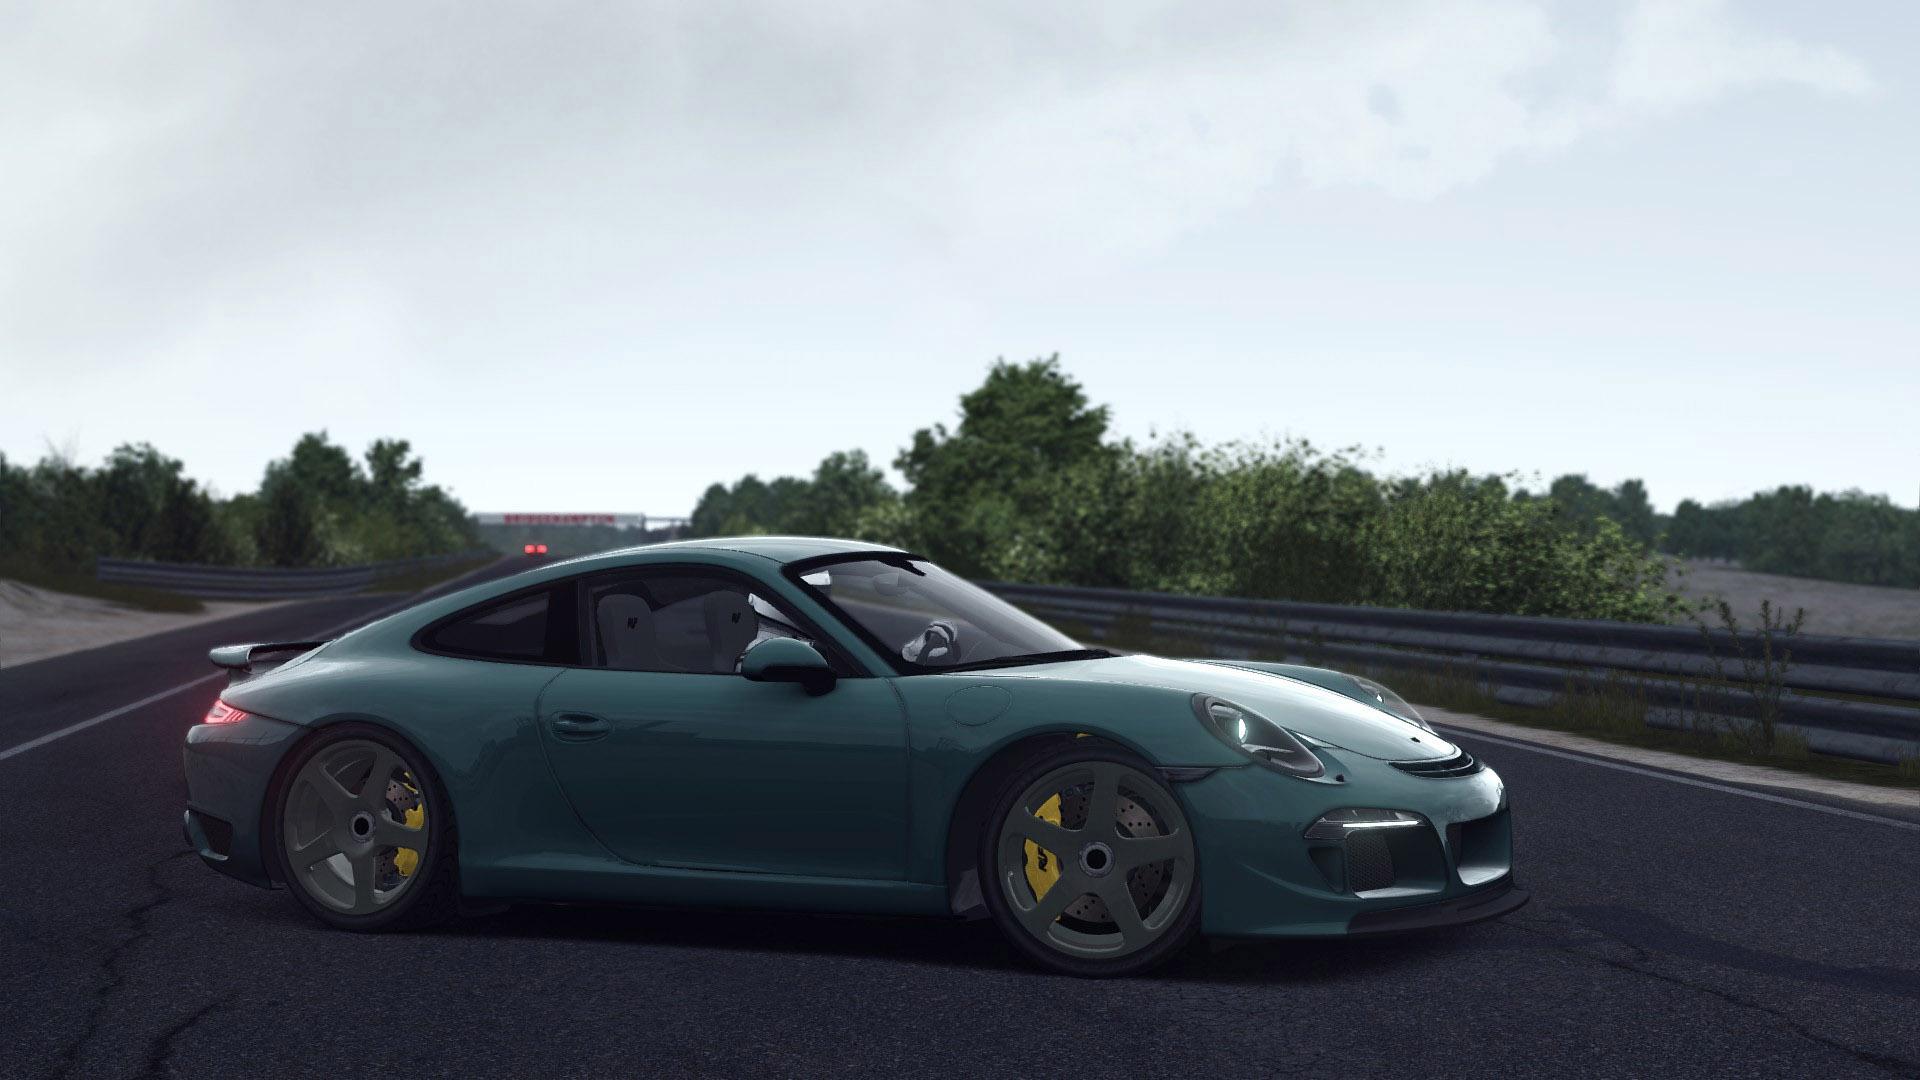 RUF 991 RGT8 update Assetto Corsa 1.14 071.jpg